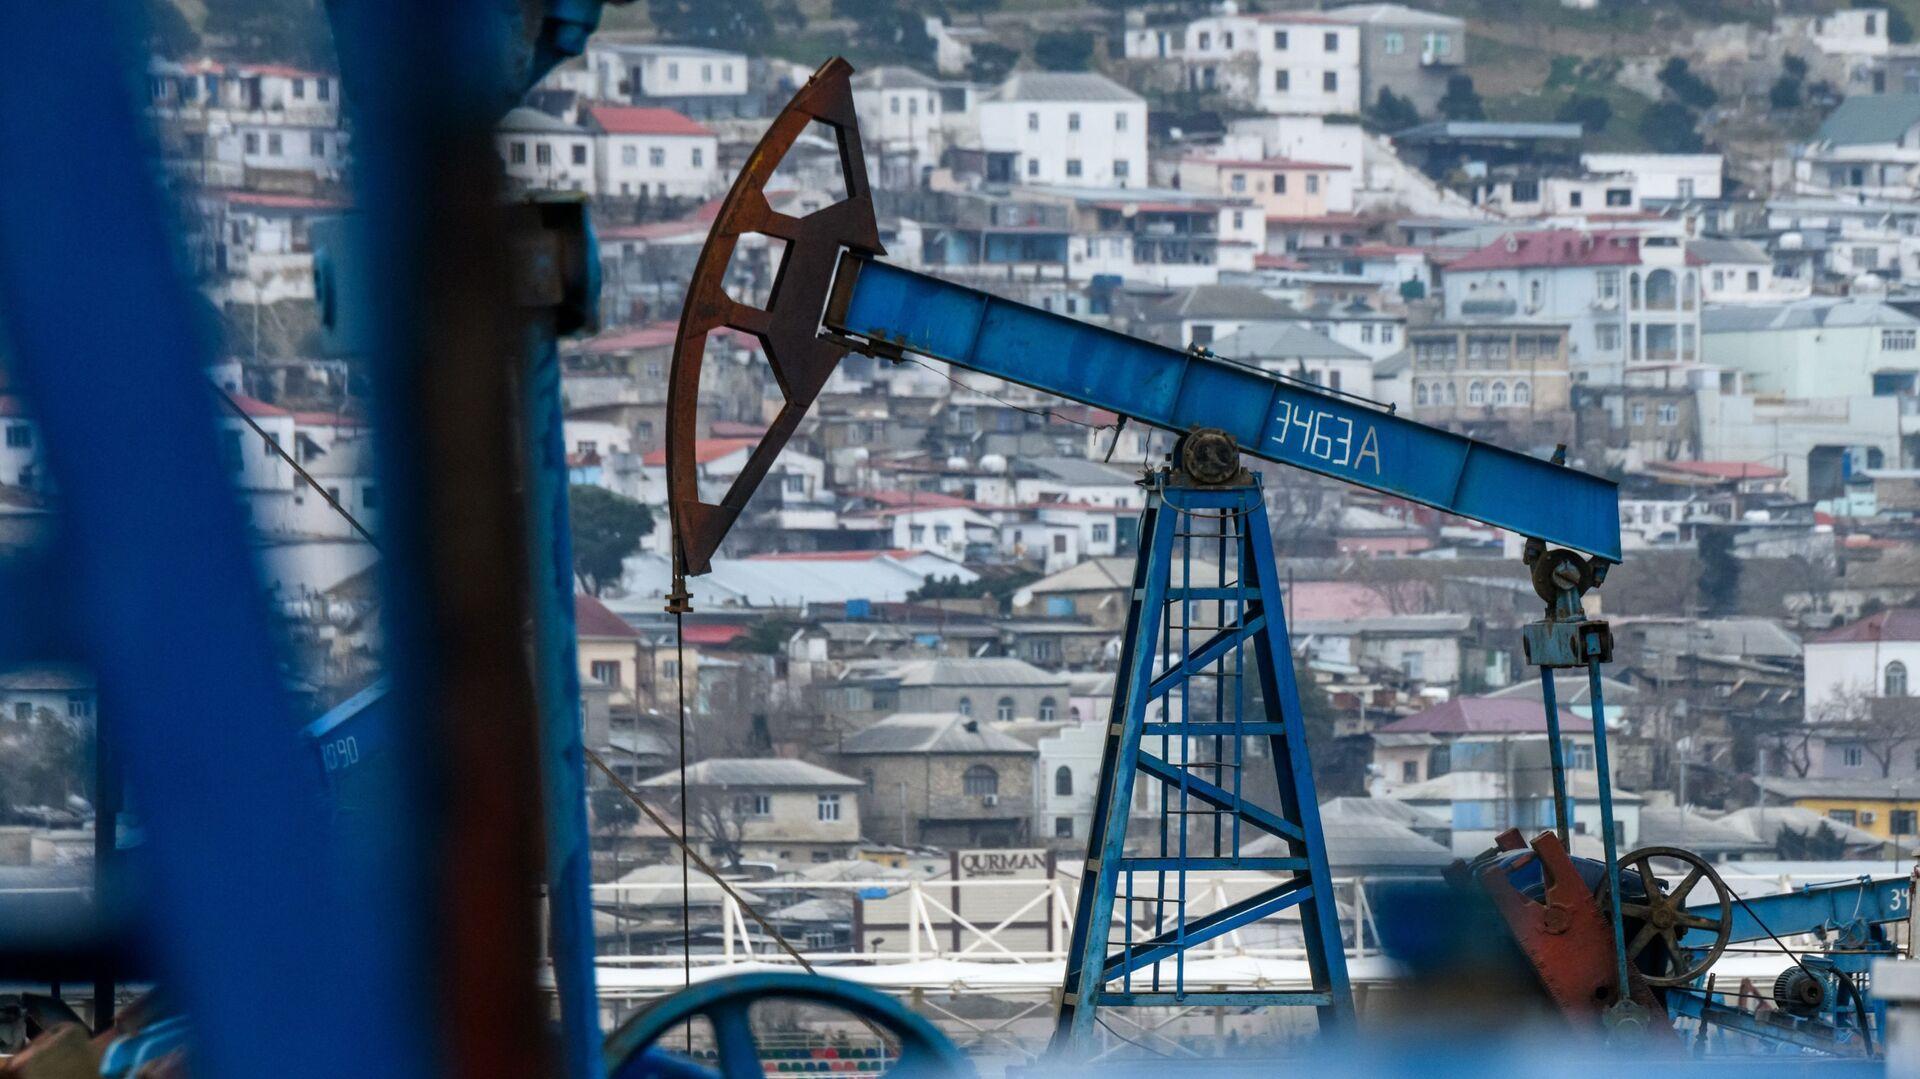 Нефтяные насосы в Баку, фото из архива - Sputnik Азербайджан, 1920, 11.09.2021